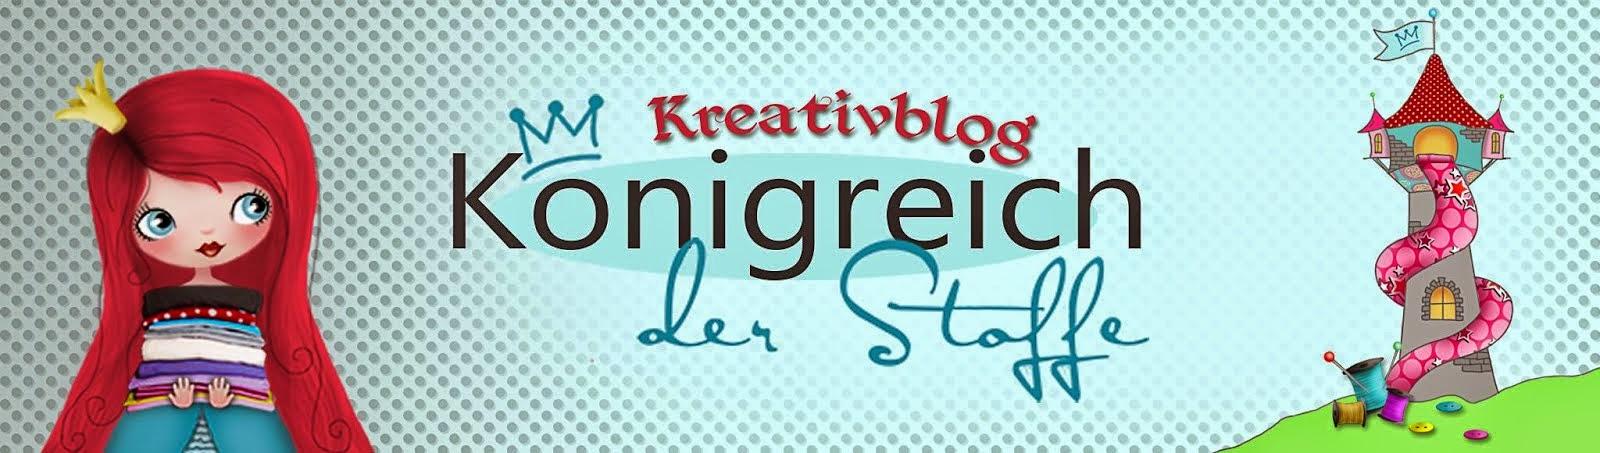 Königlicher Blog